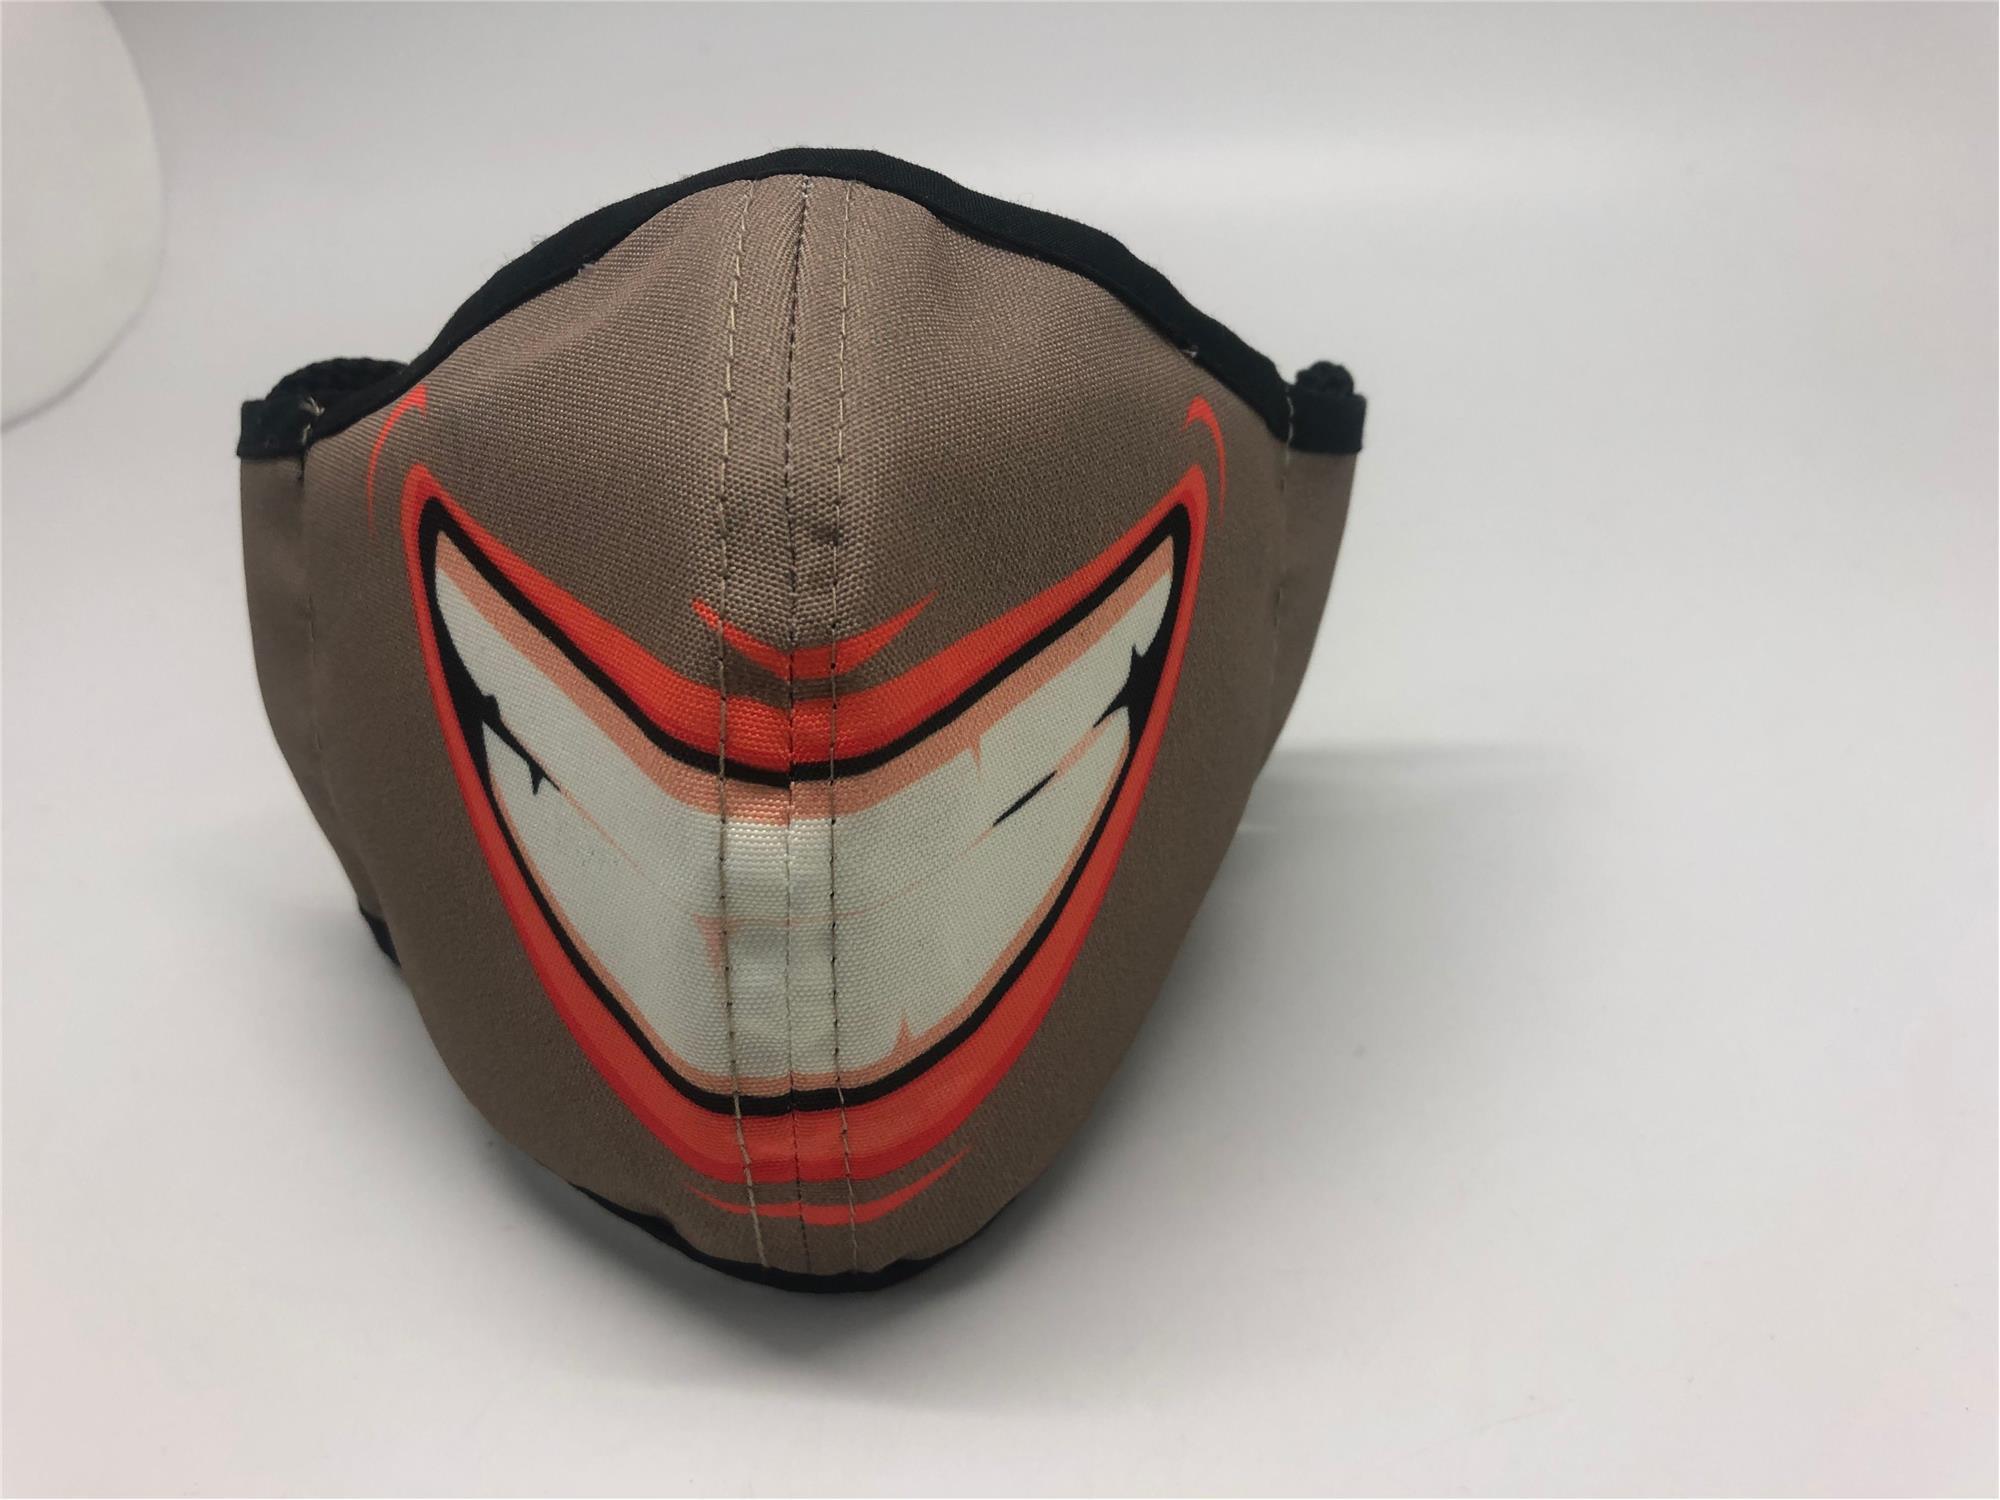 Uflex Masks